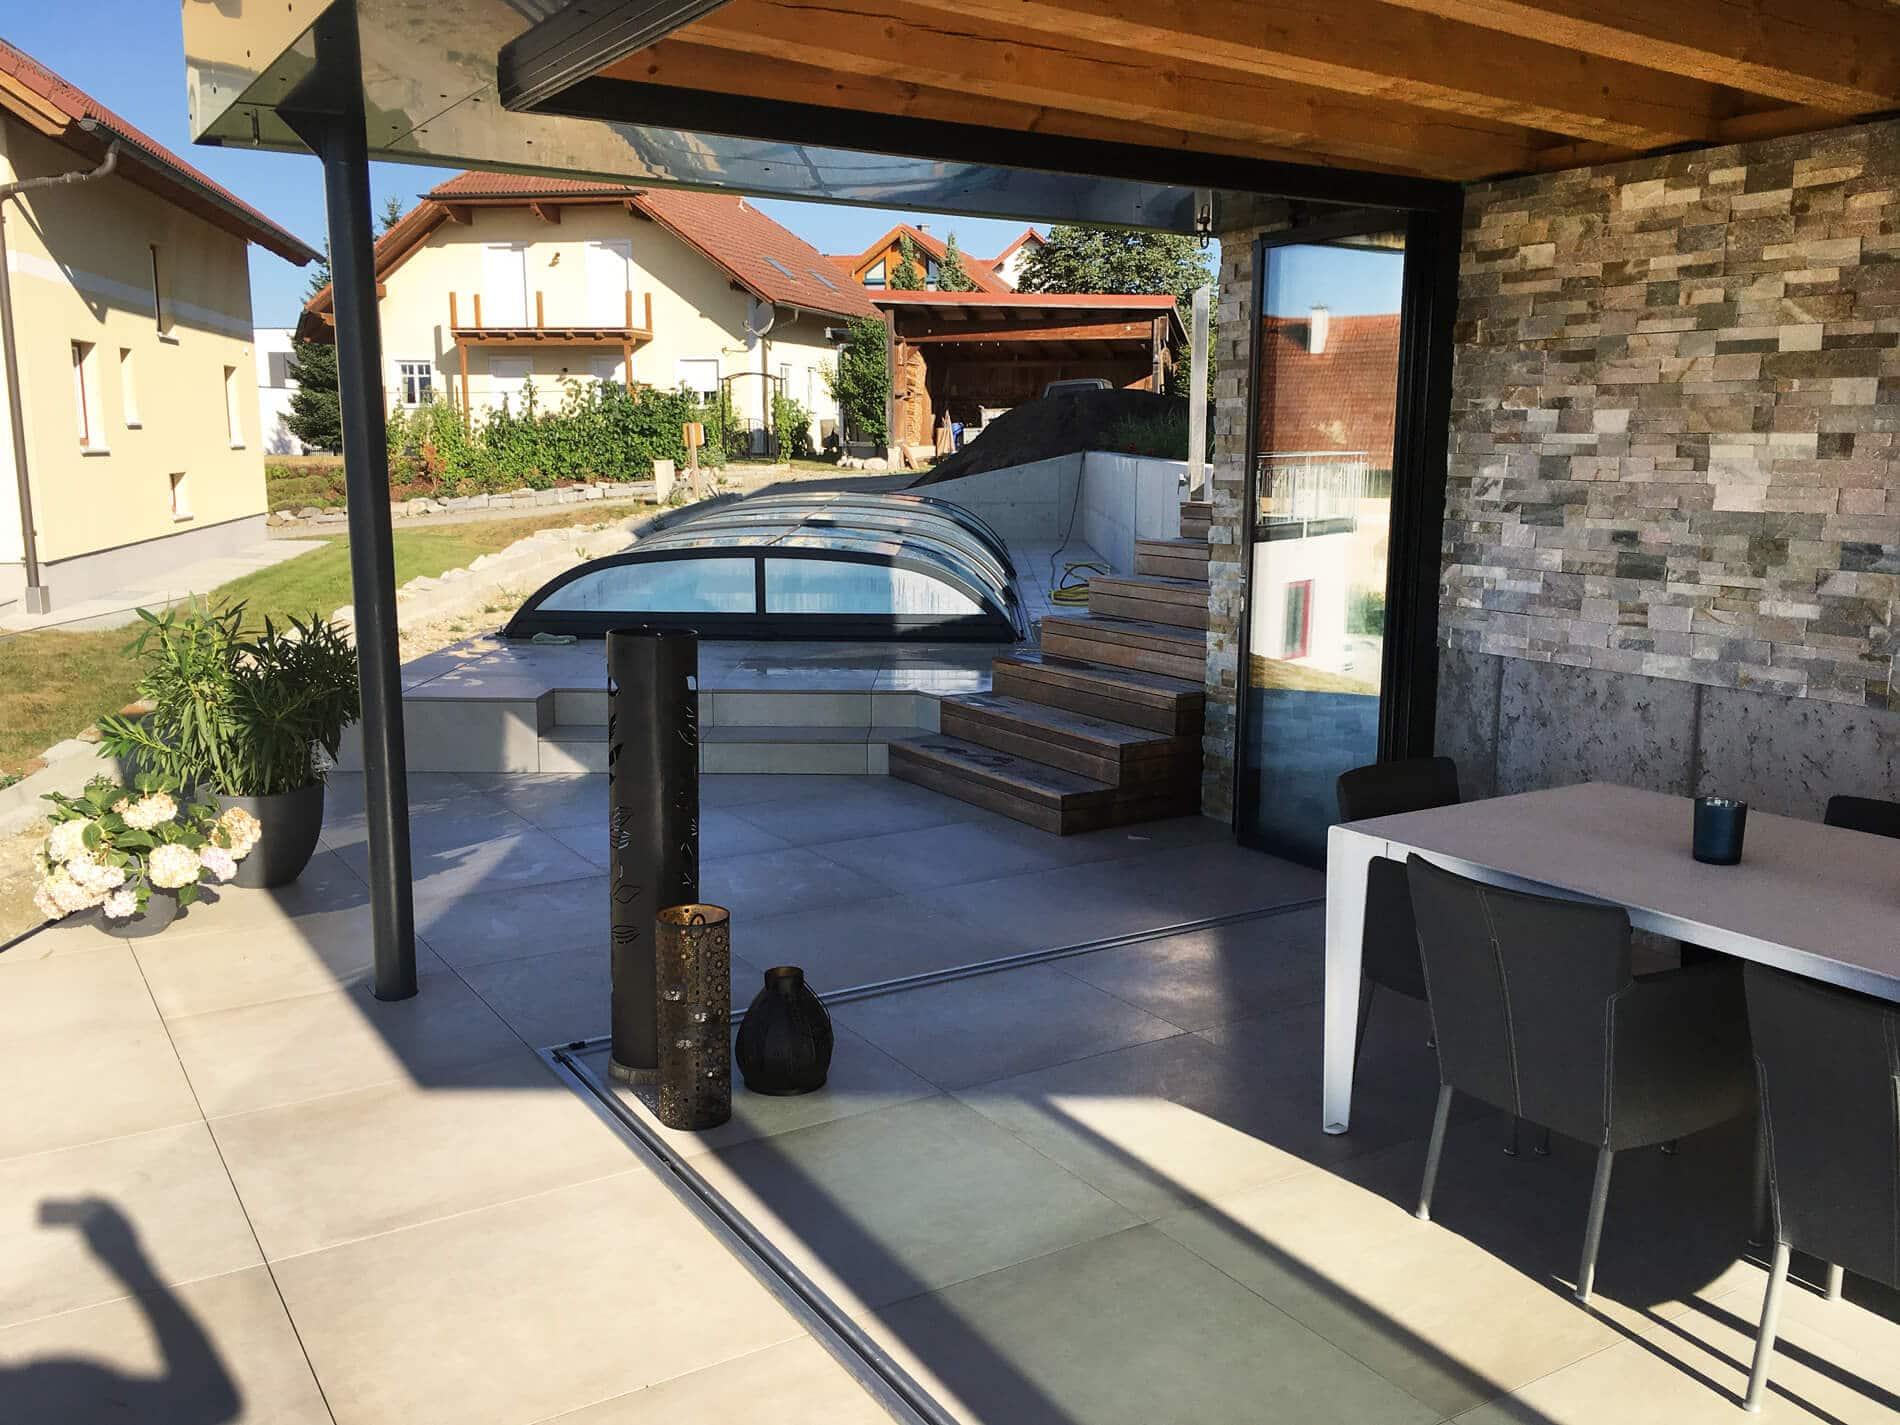 Schiebe-Dreh-Systeme Glas im geöffneten Zustand